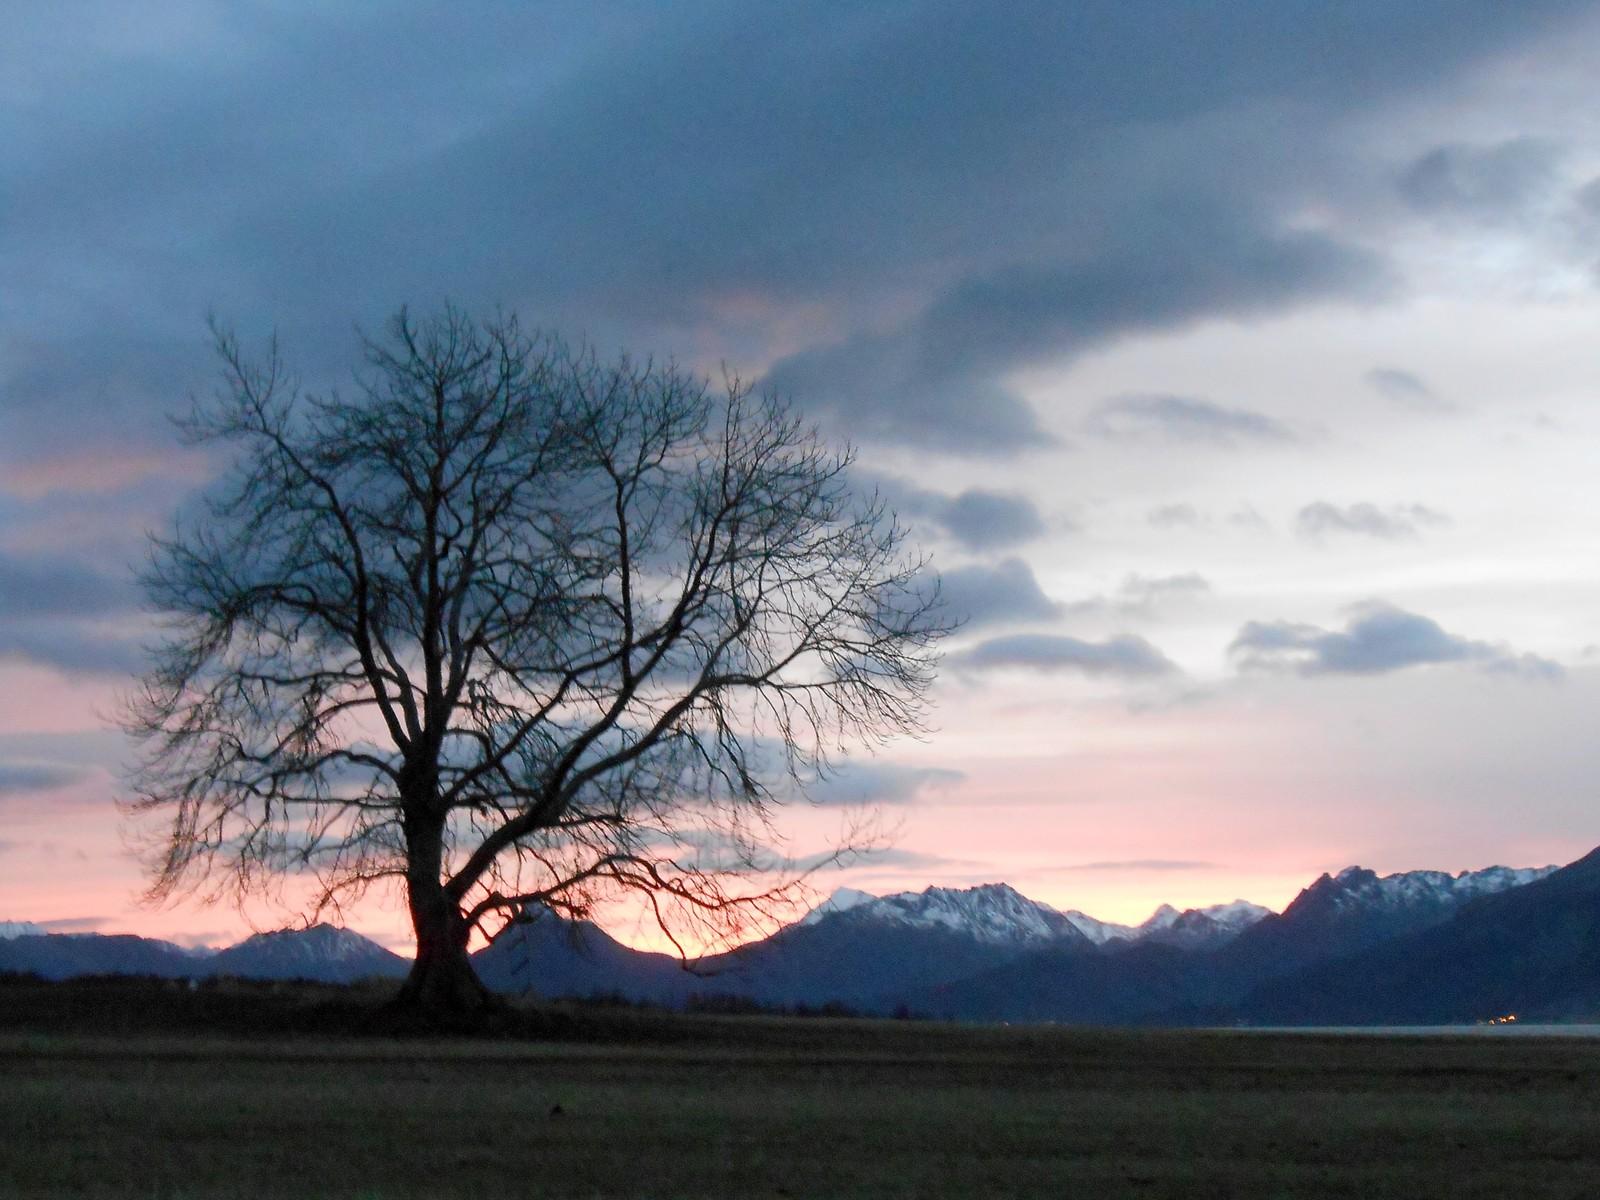 Et vakkert tre sett i vakker natur på Grytting.